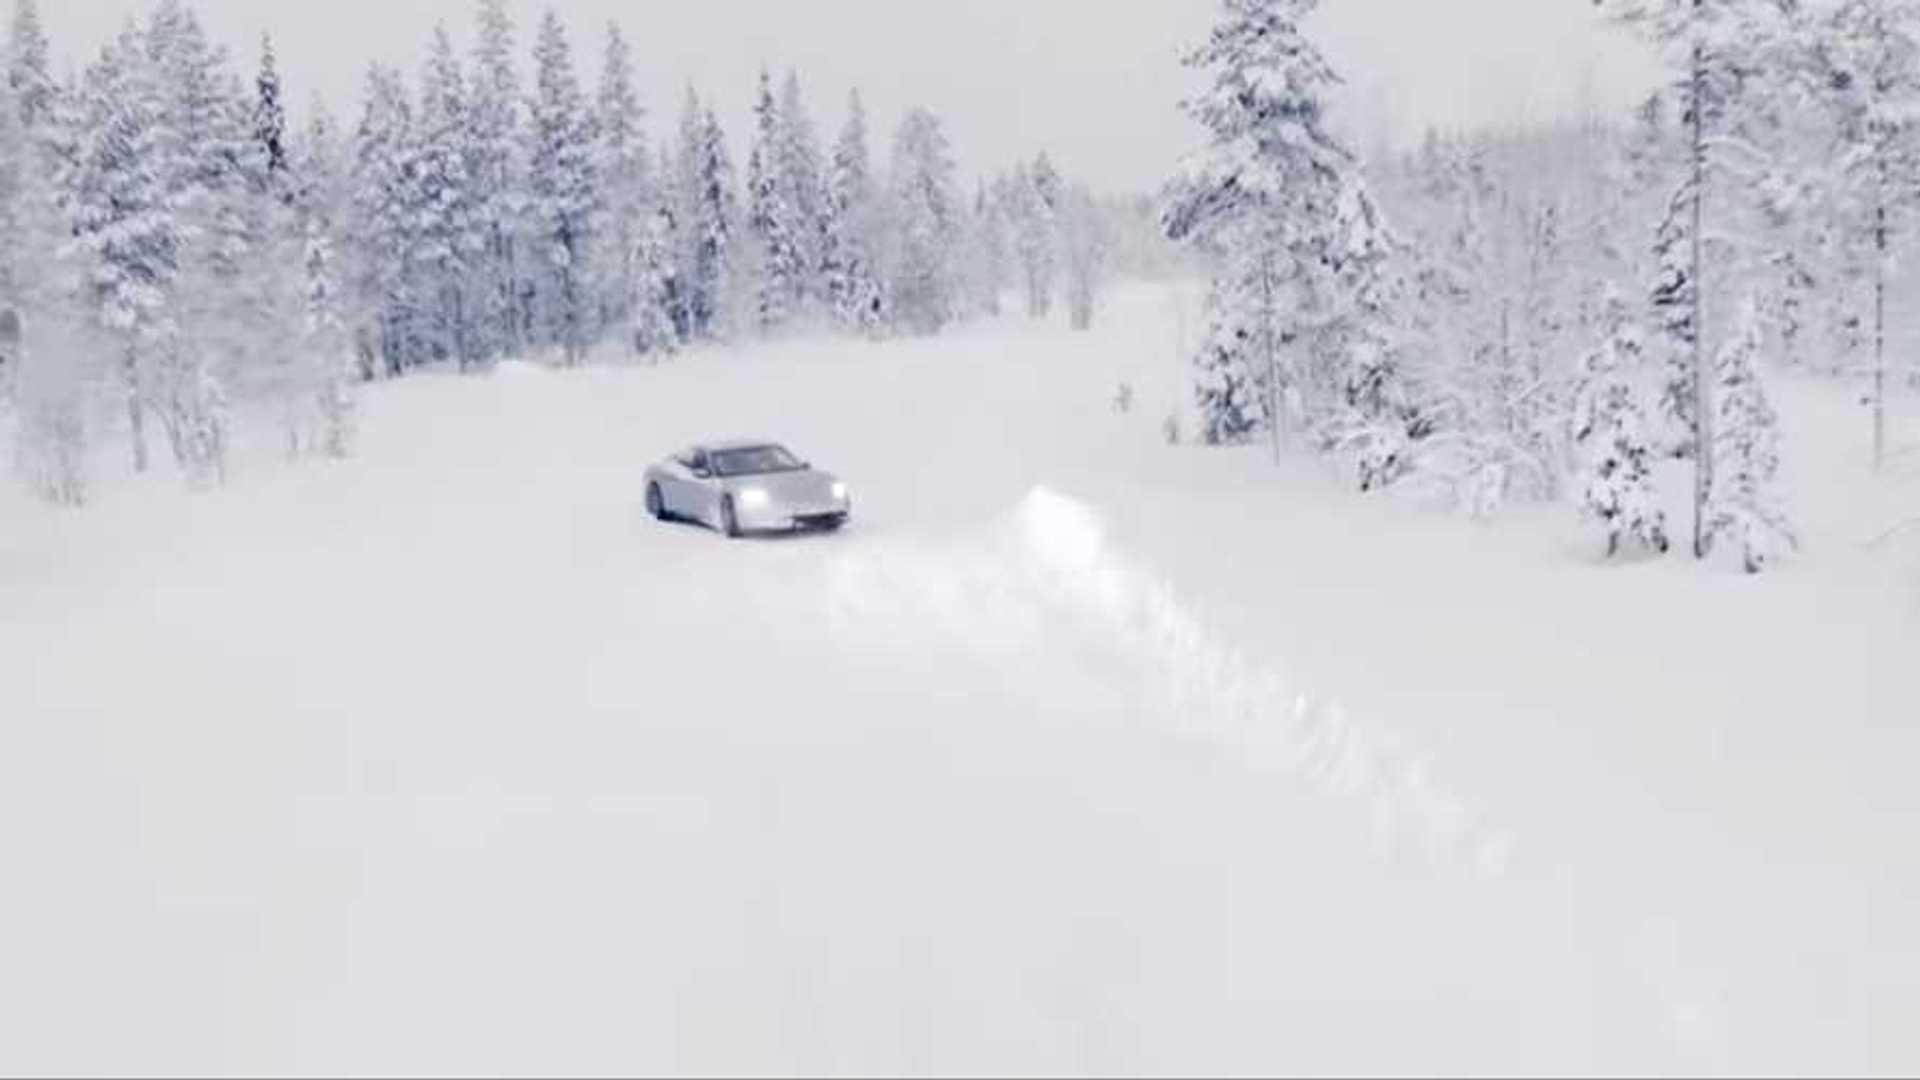 Porsche Taycan In Snow